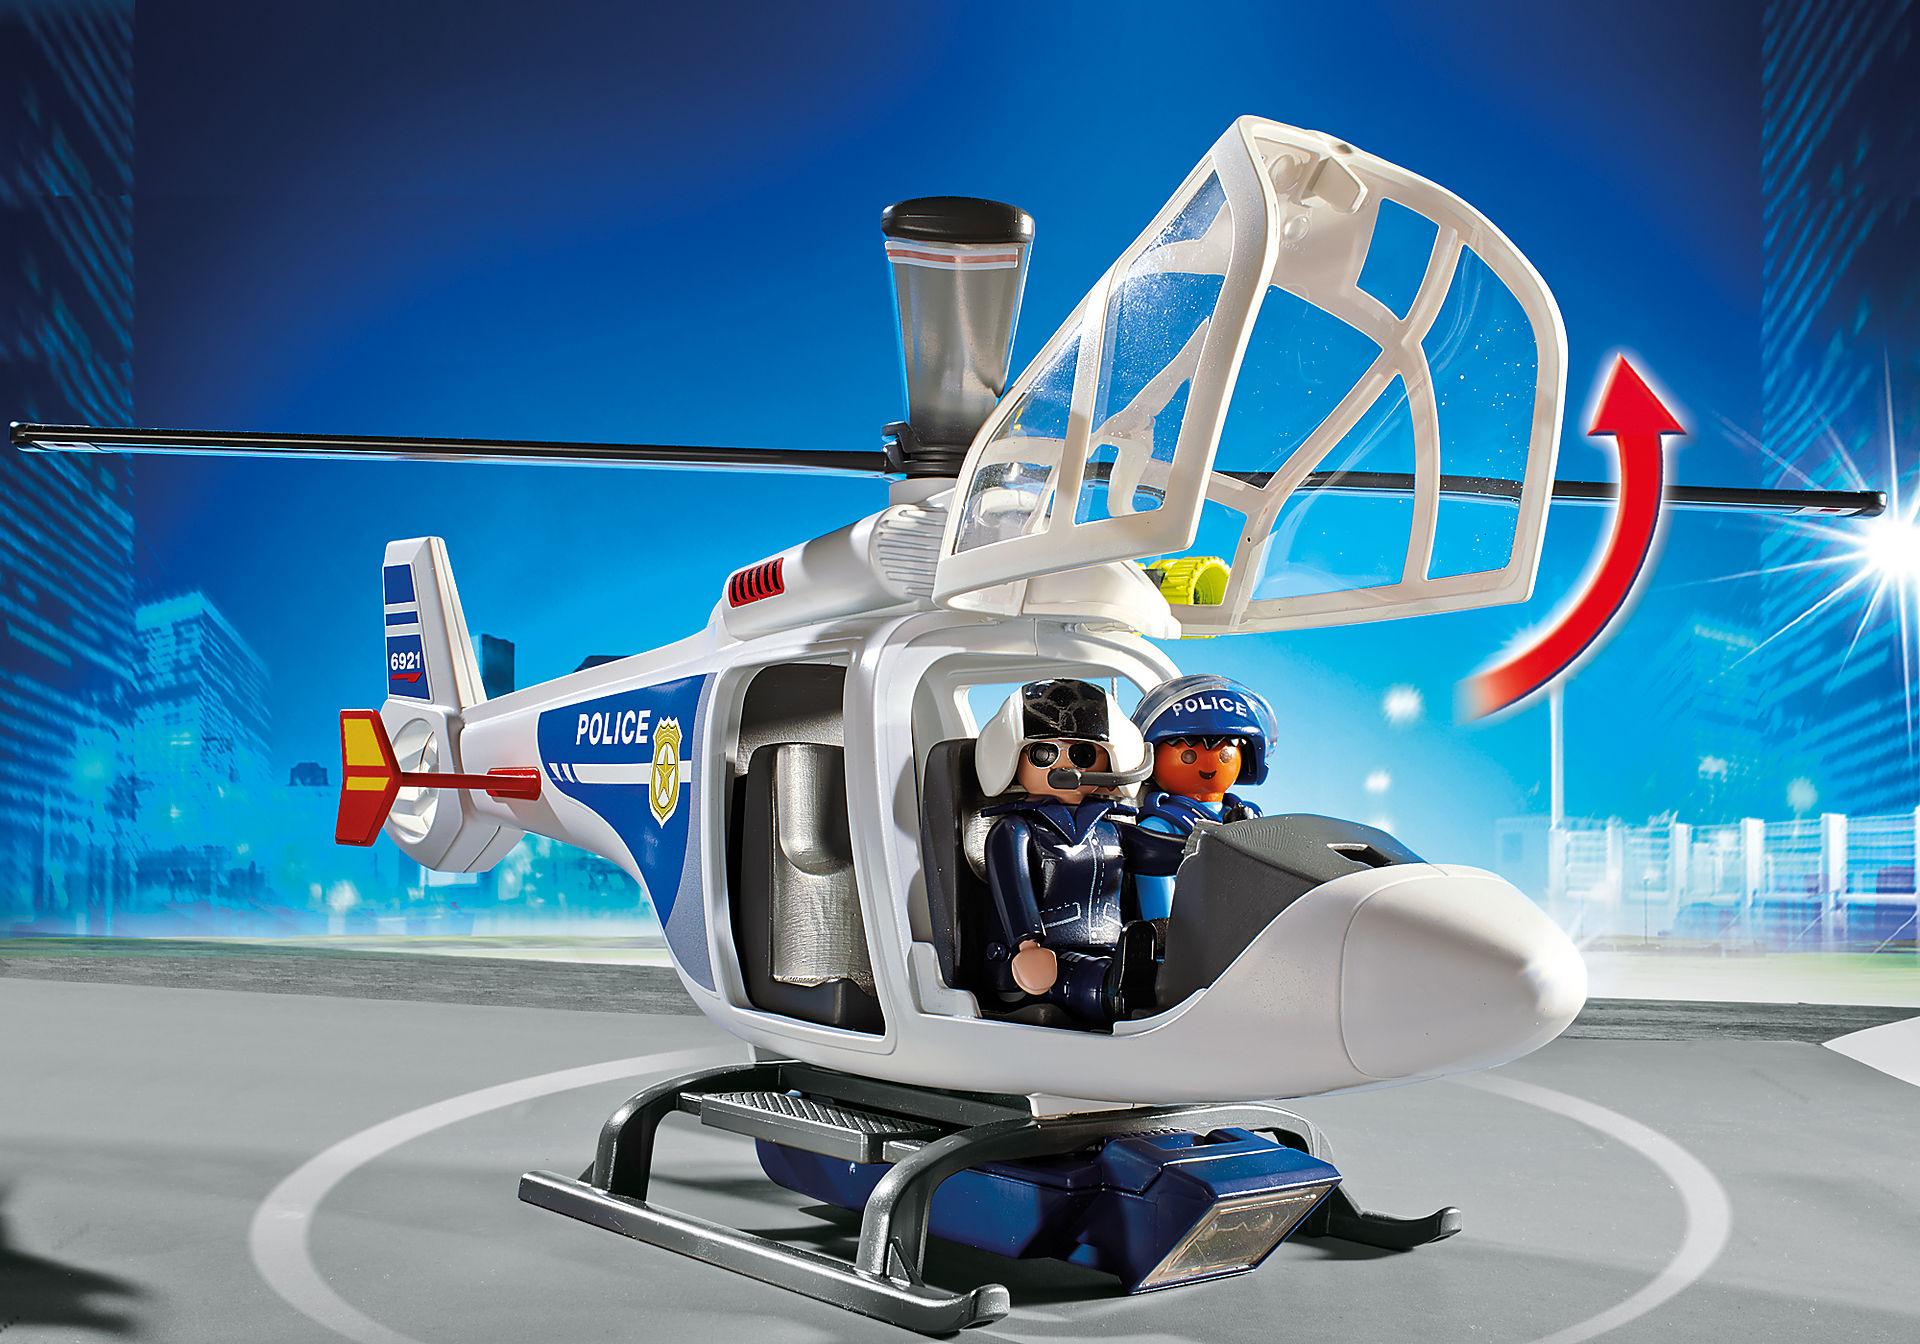 6921 Helikopter policyjny z reflektorem LED zoom image4